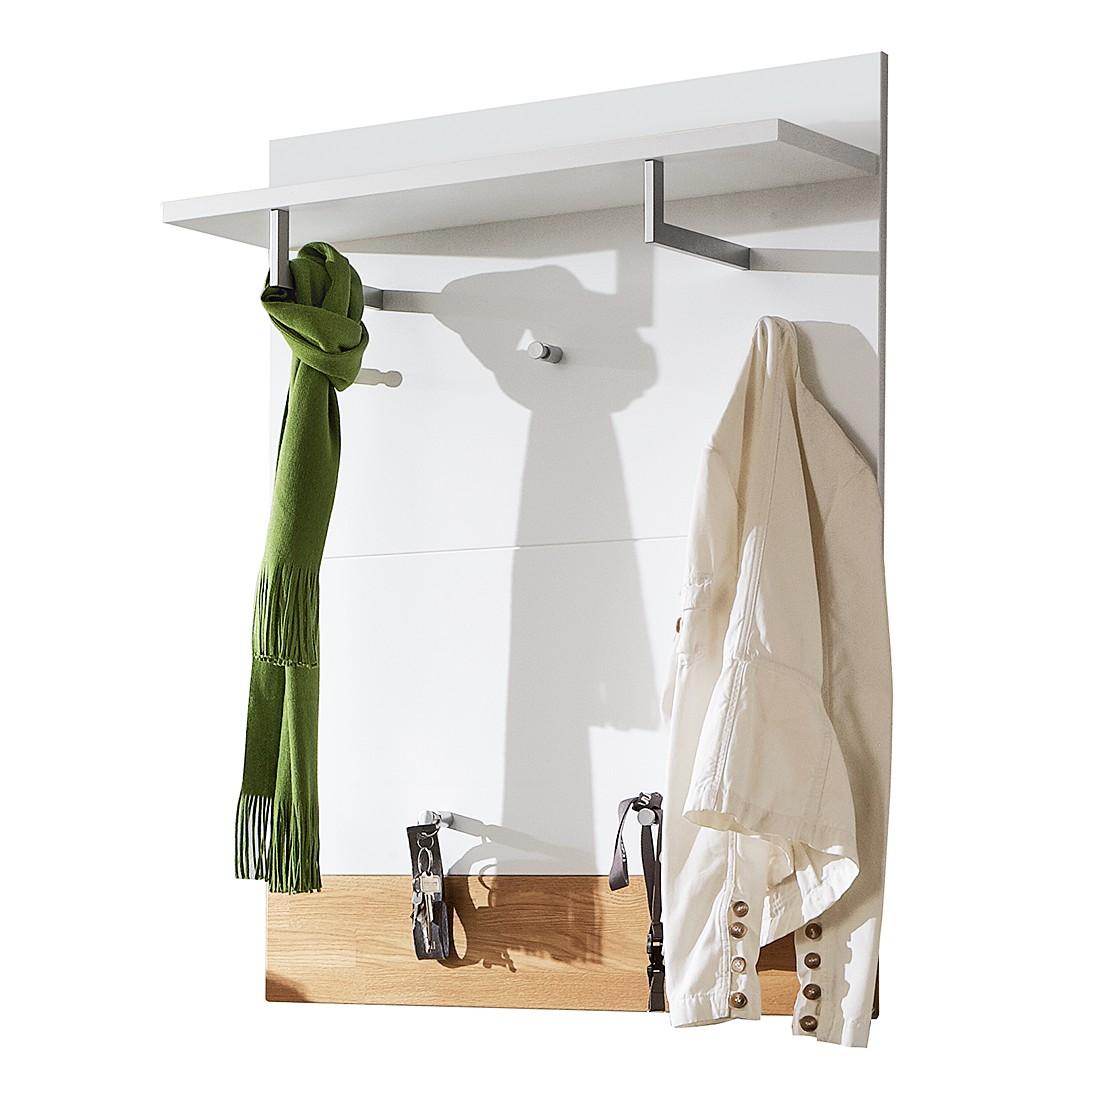 Garderobenpaneel Bolton I – Weiß/Eiche massiv, Voss günstig kaufen